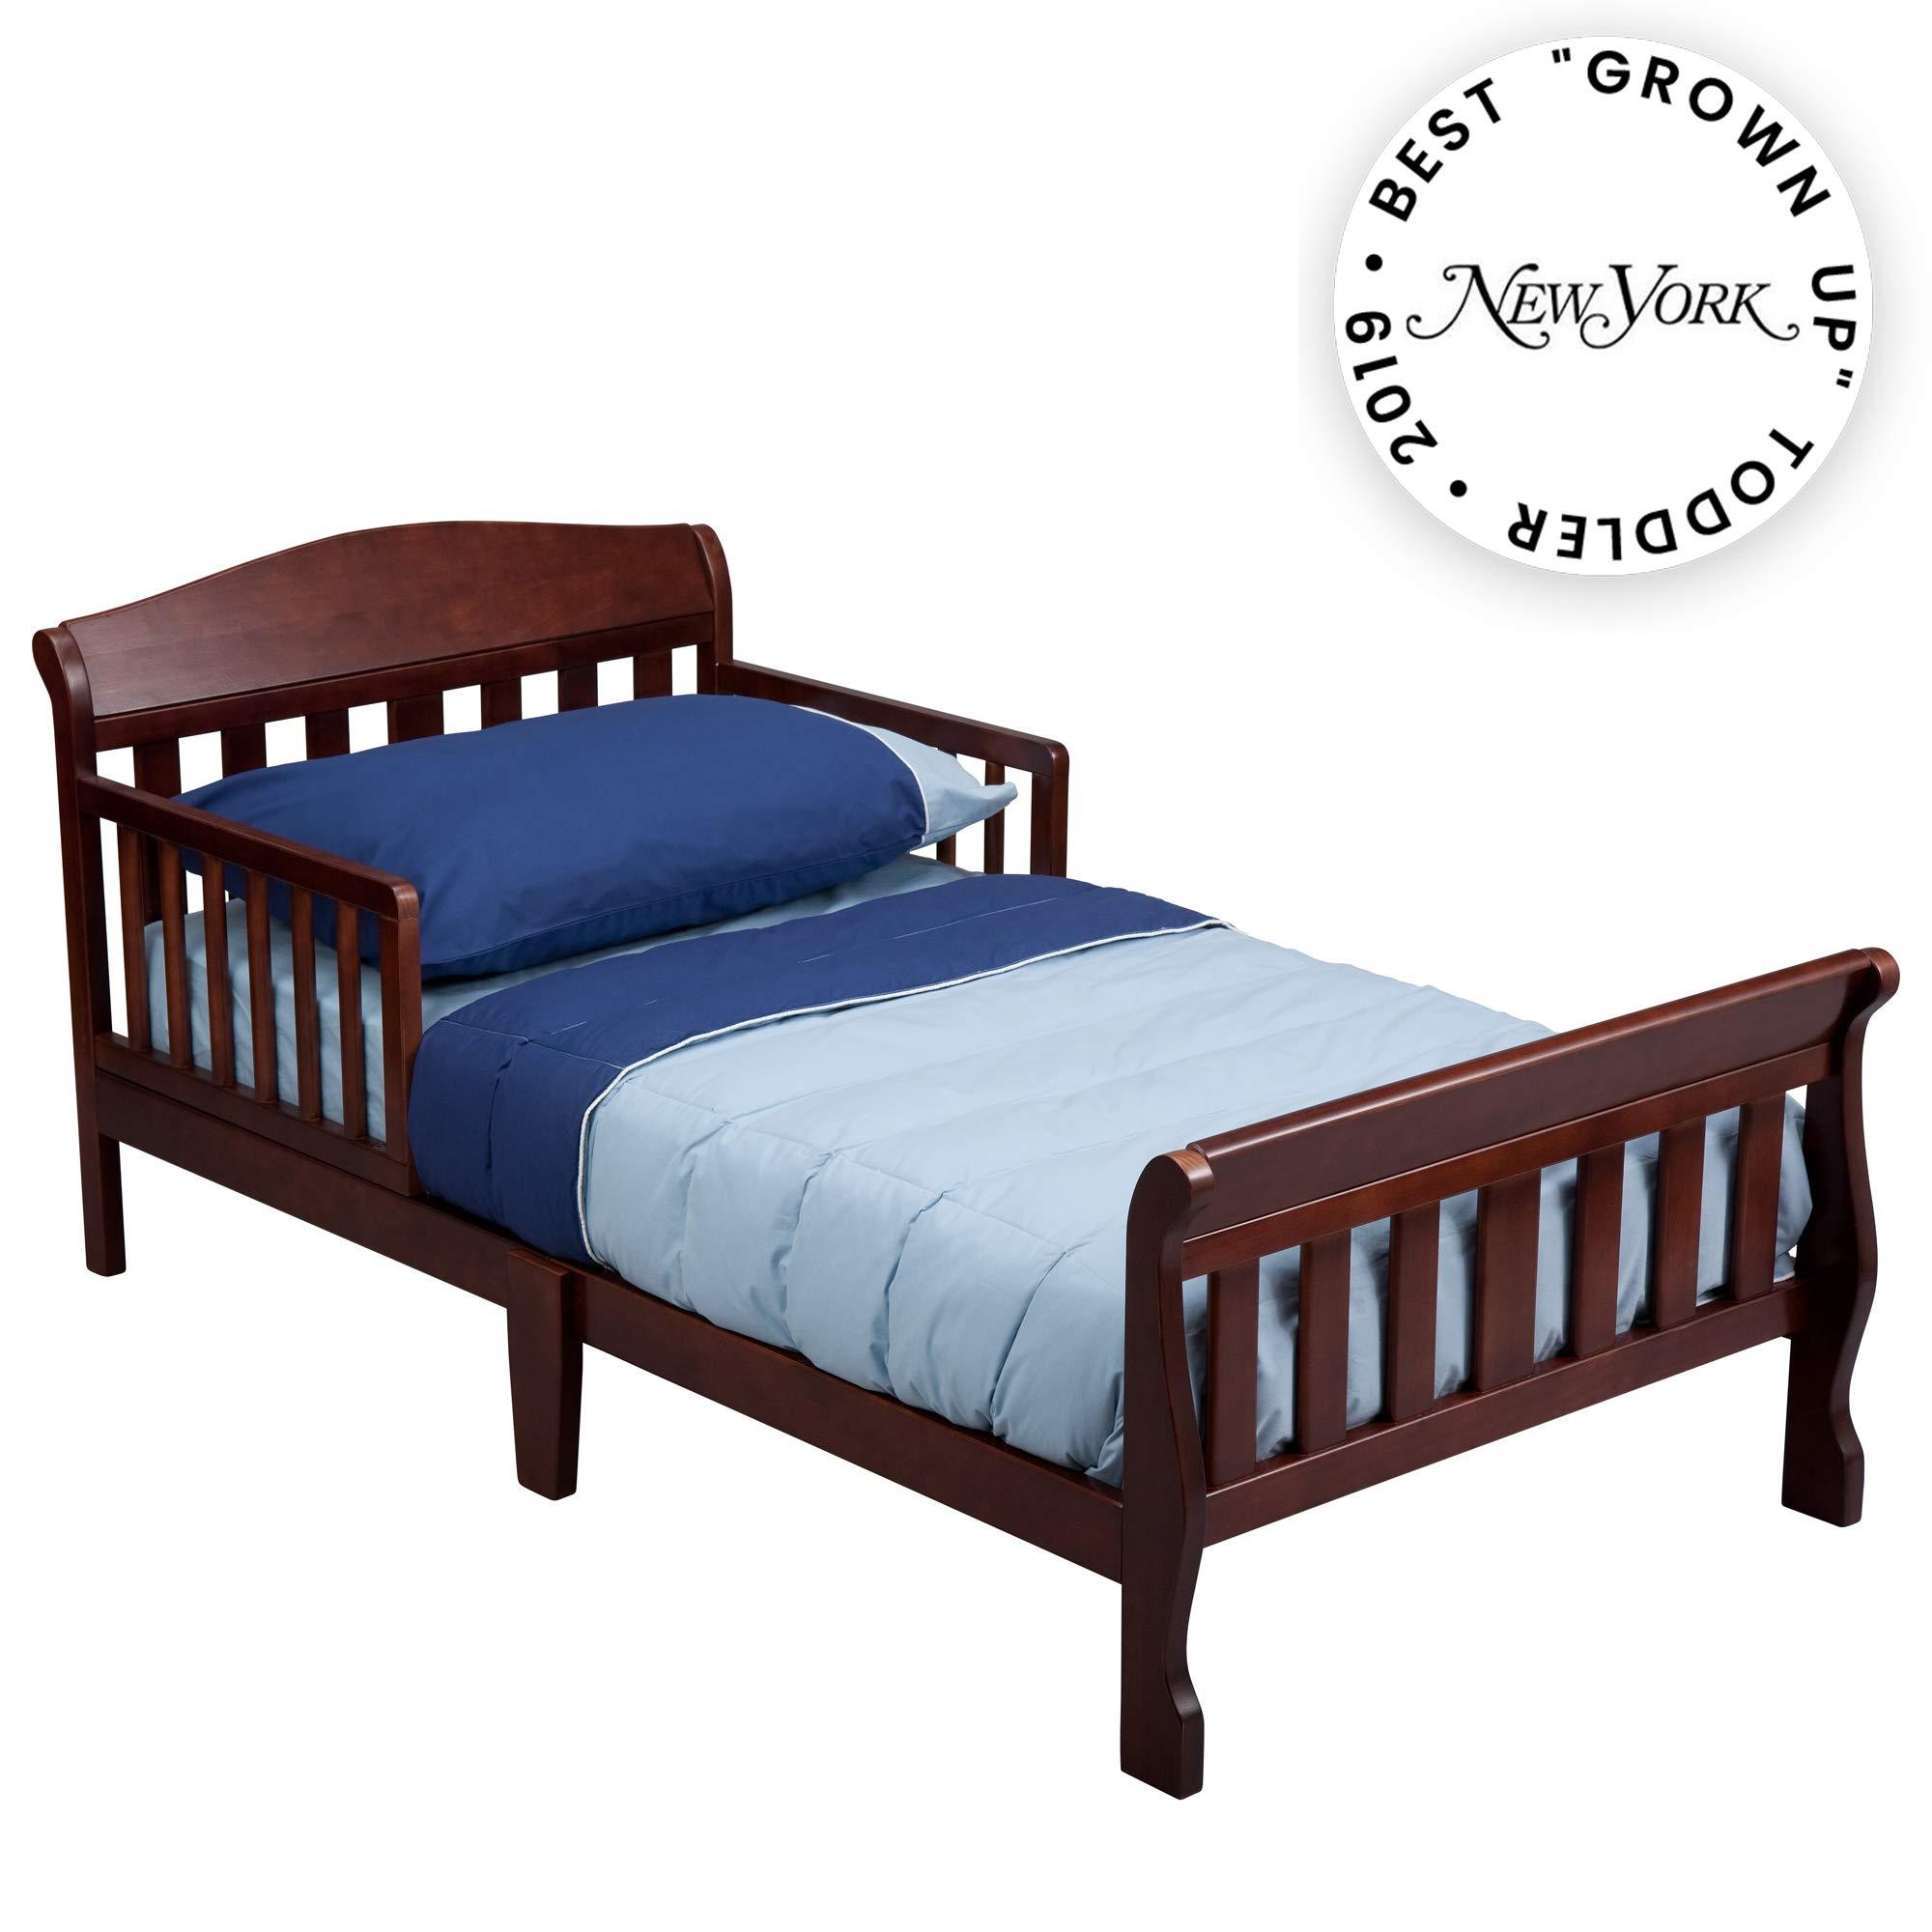 Delta Children Canton Toddler Bed, Cherry by Delta Children